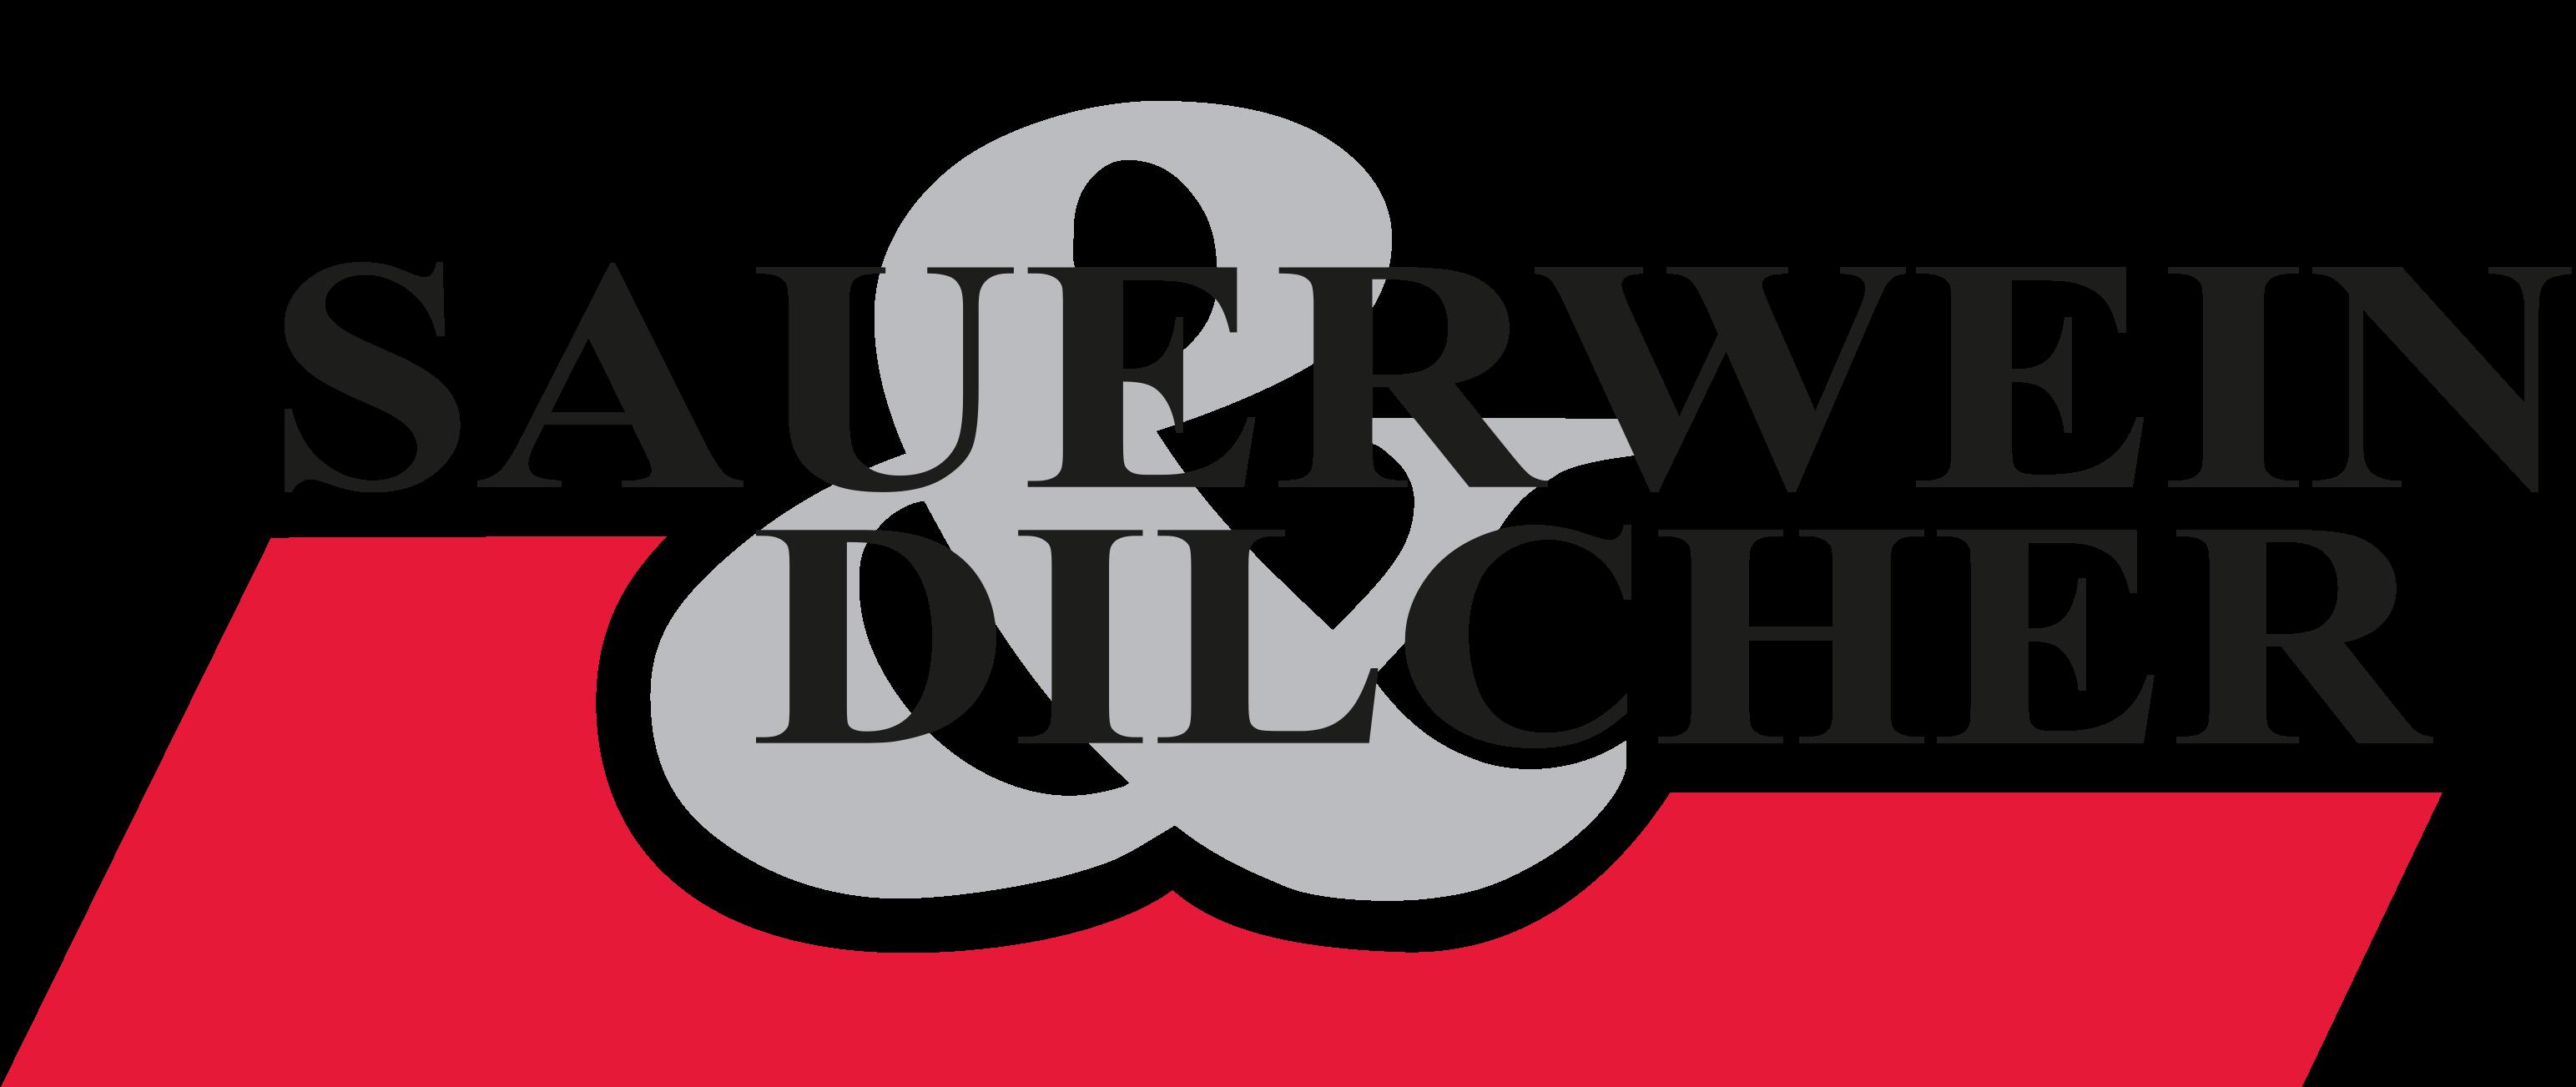 Sauerwein & Dilcher oHG